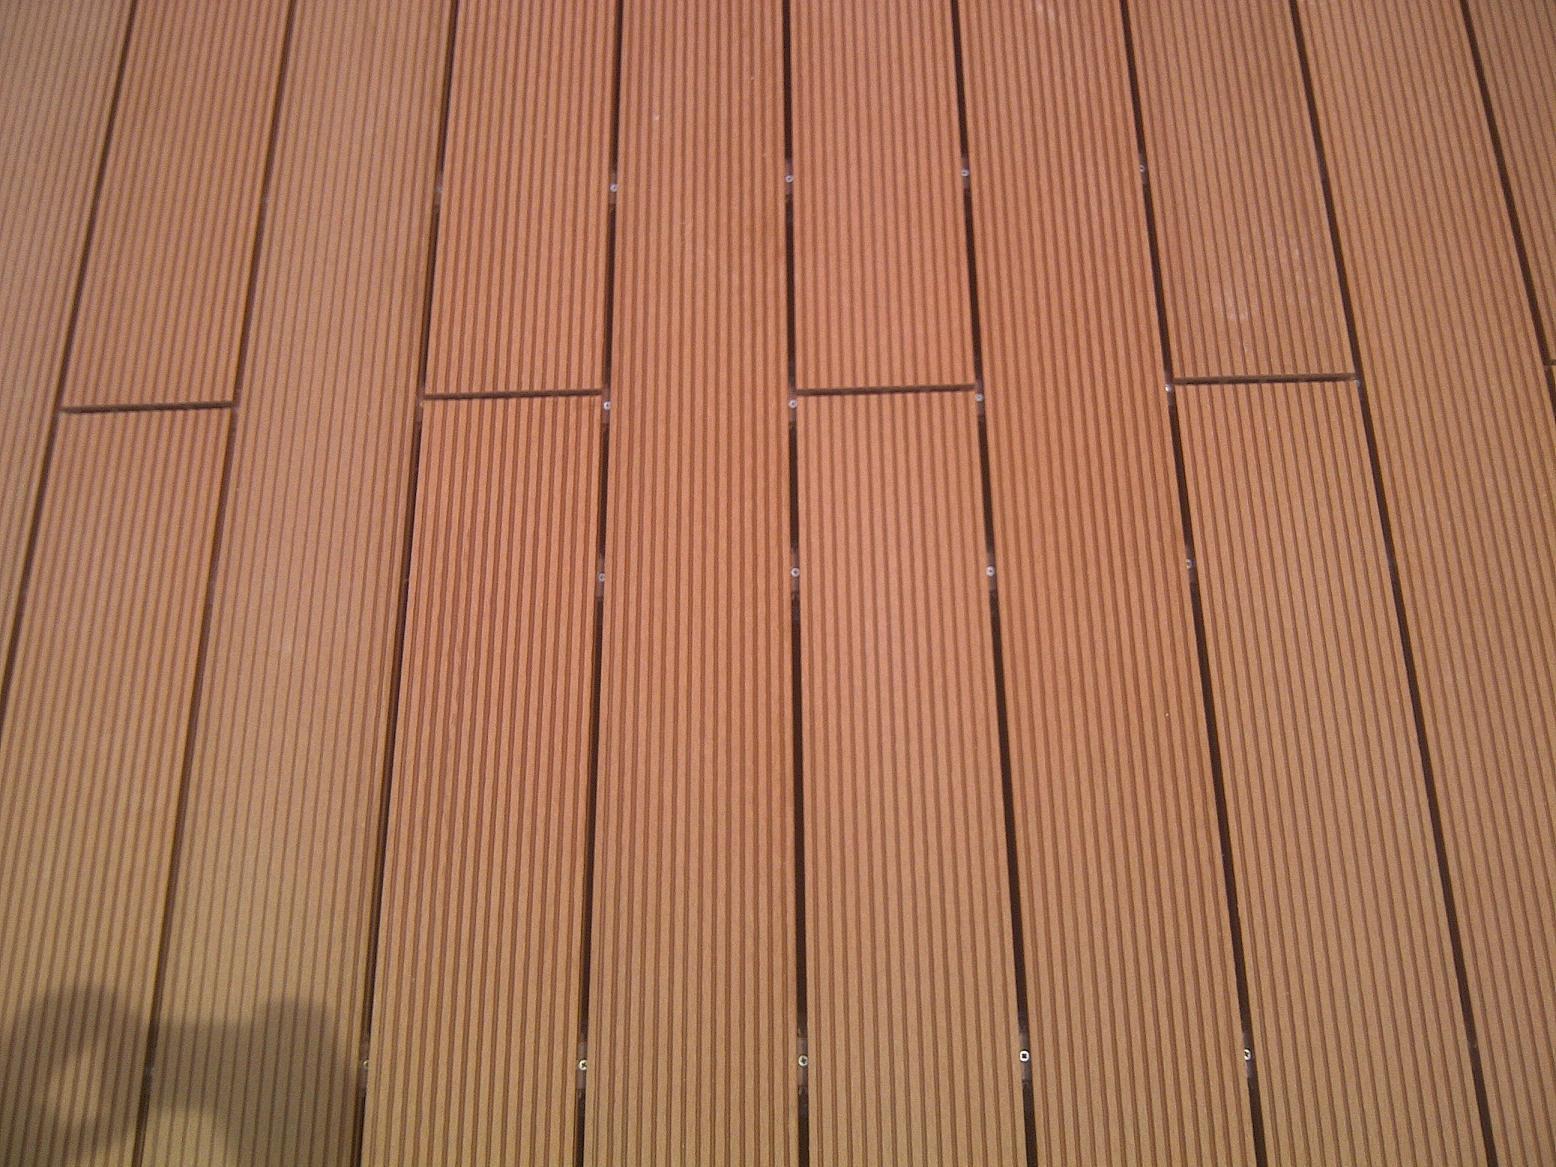 Outdoor Waterproof Wood Plastic Composite Decking / WPC Outdoor Decking (HO023147)